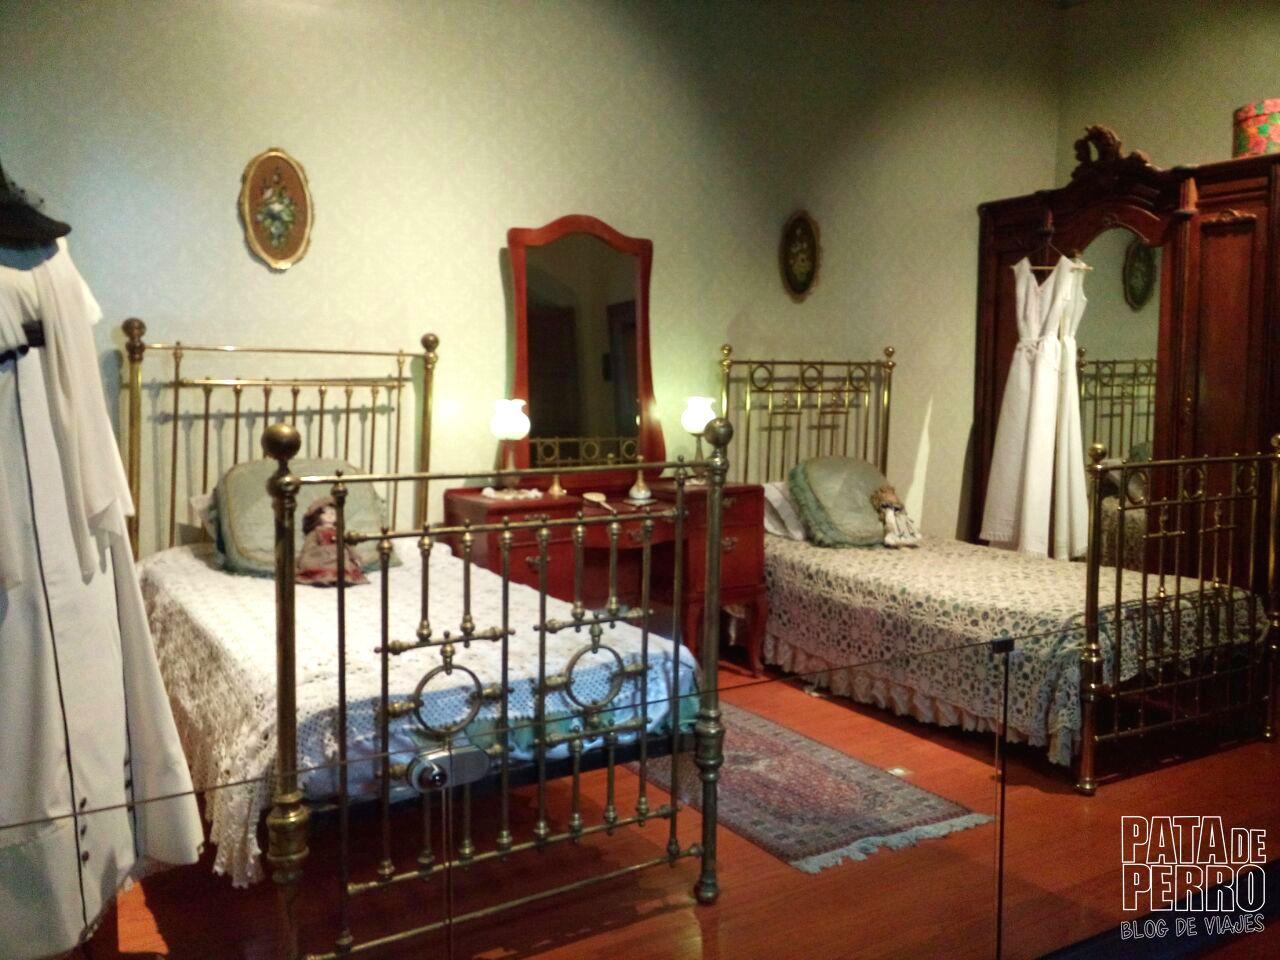 museo-regional-de-la-revolucion-mexicana-casa-de-los-hermanos-serdan-pata-de-perro-blog-de-viajes05